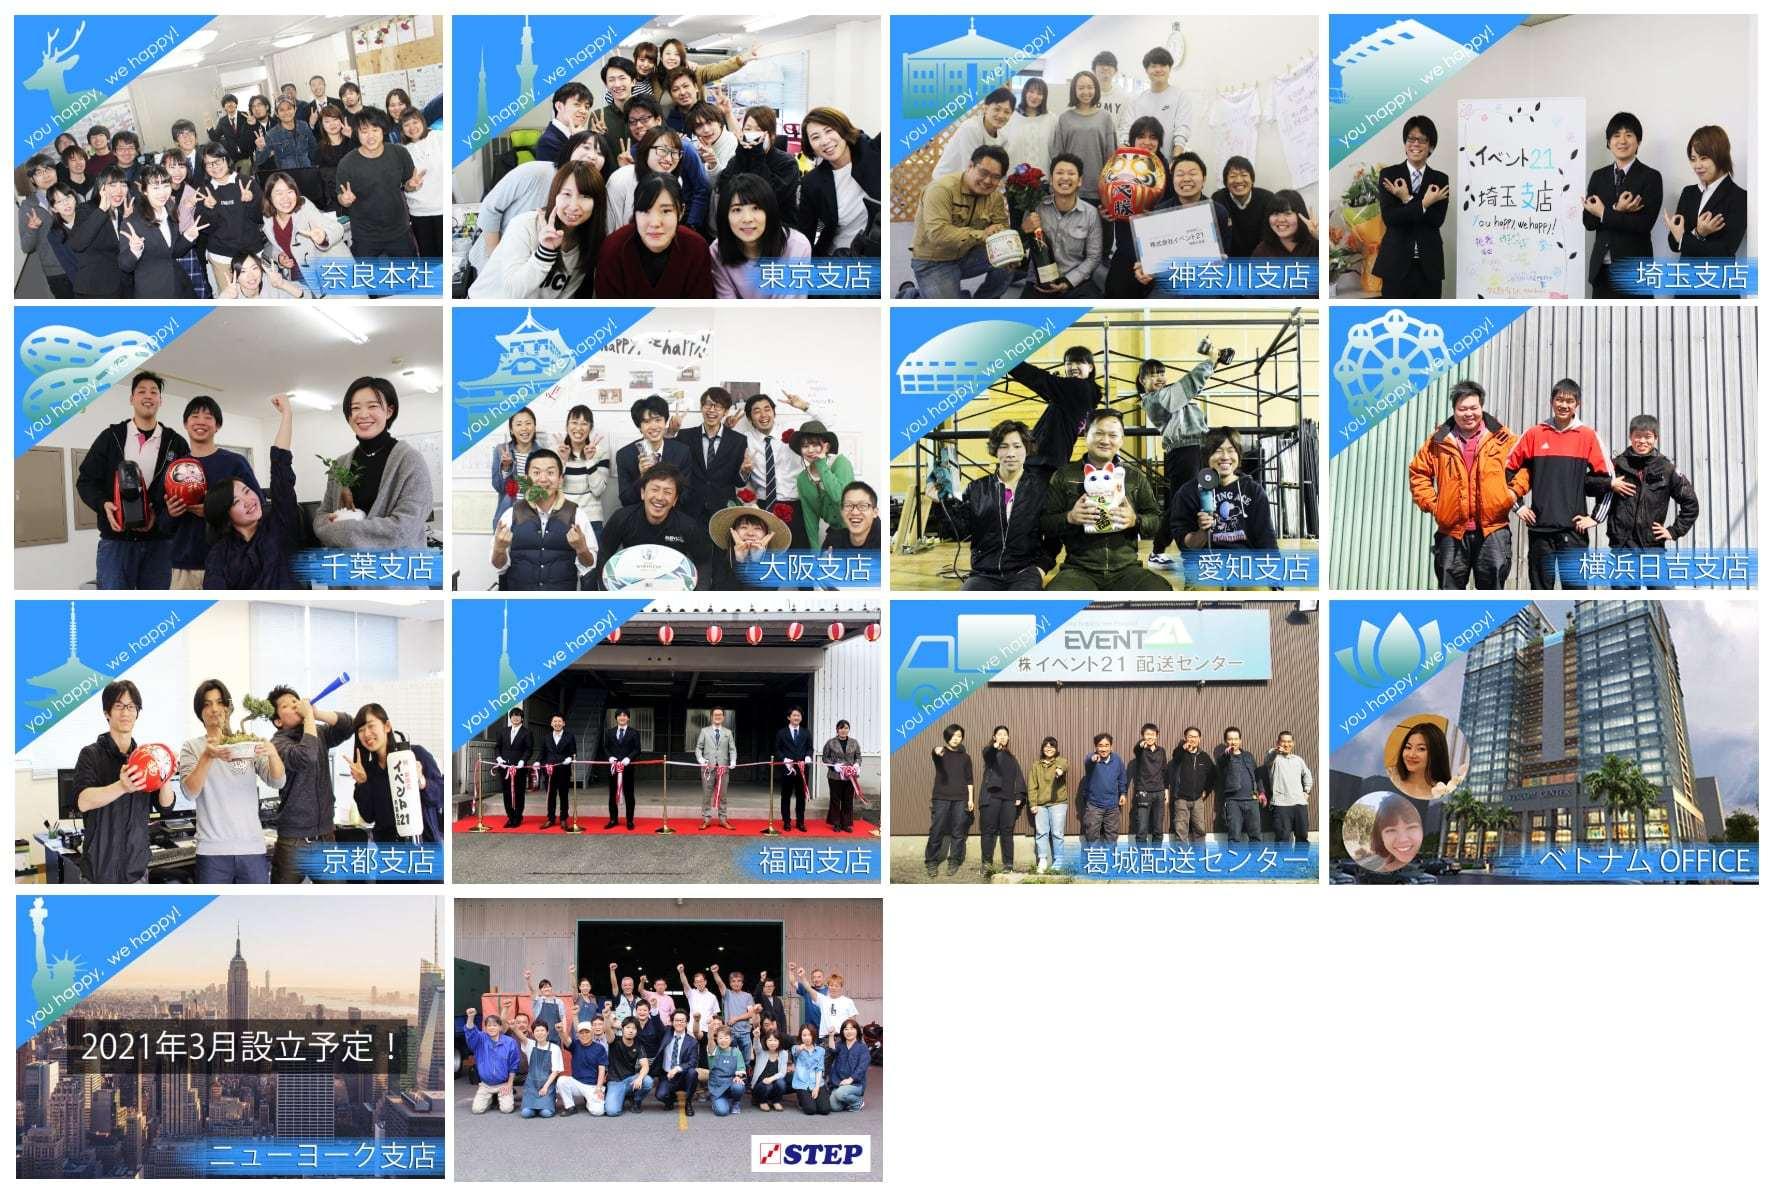 イベント21全拠点の社員達